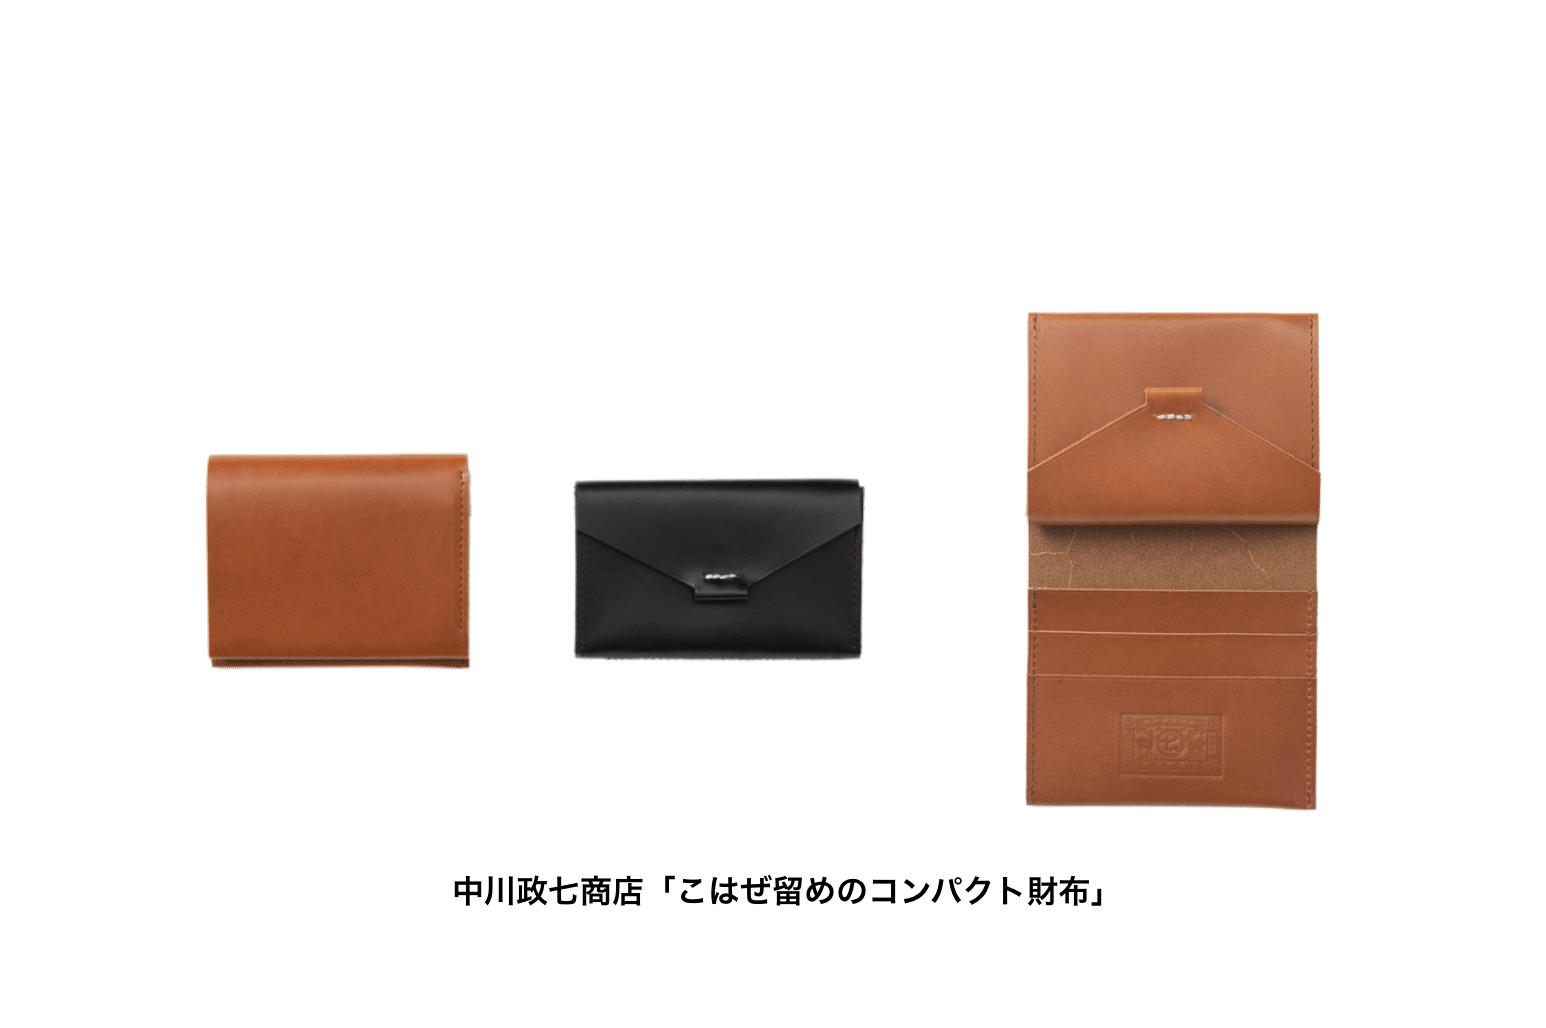 中川政七商店、こはぜ留めのコンパクト財布